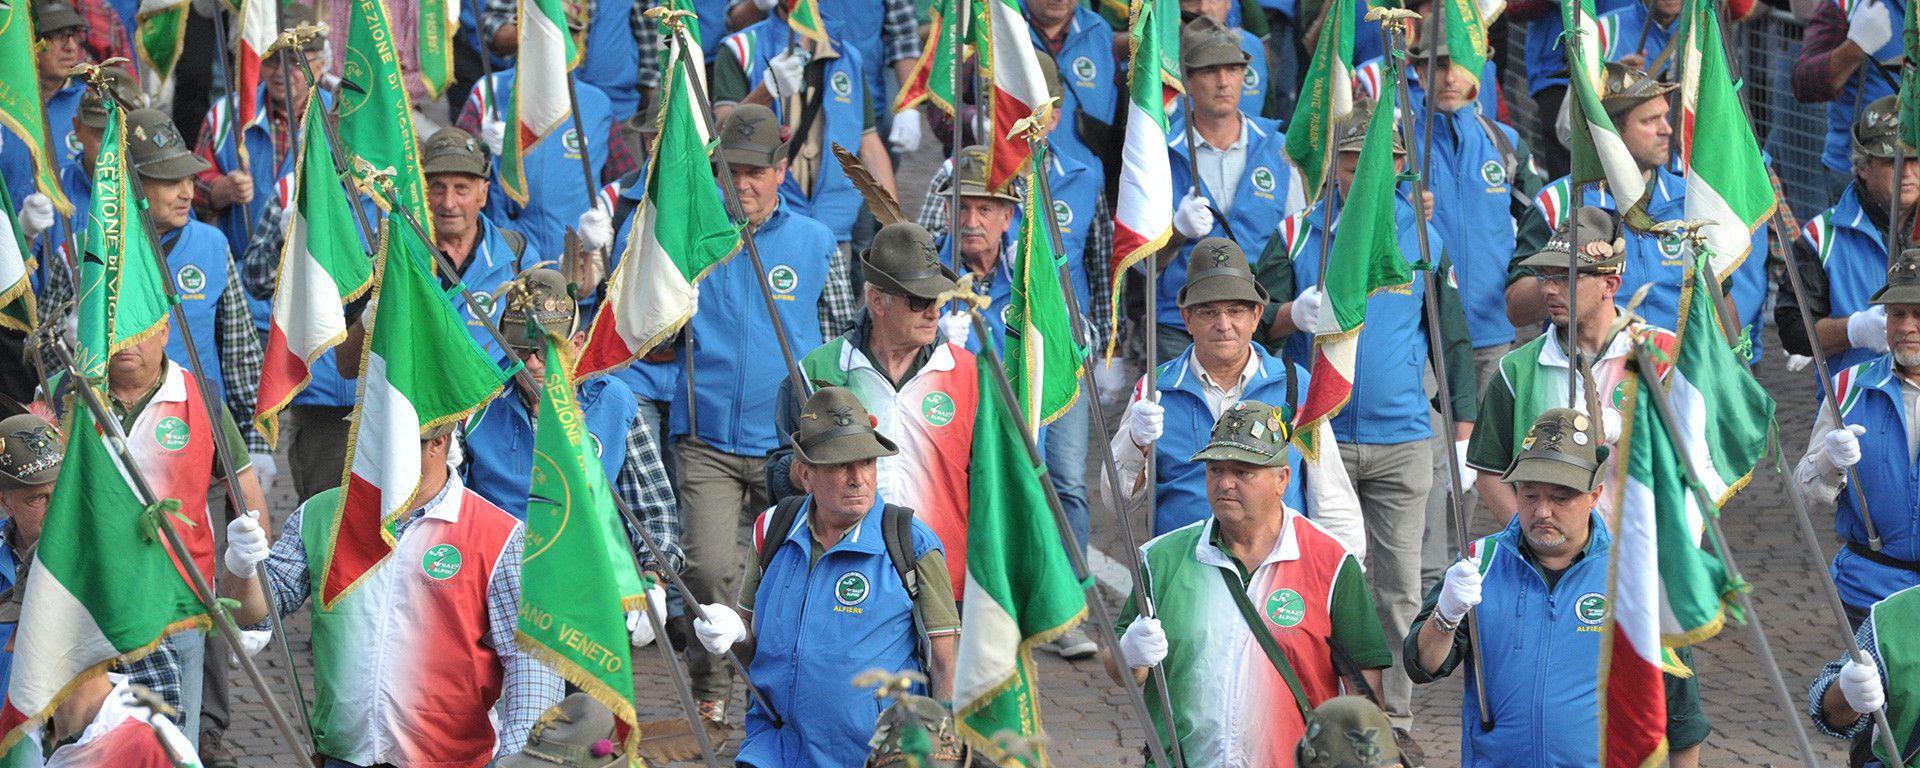 Adunata nazionale degli Alpini a Milano, le modifiche alla viabilità